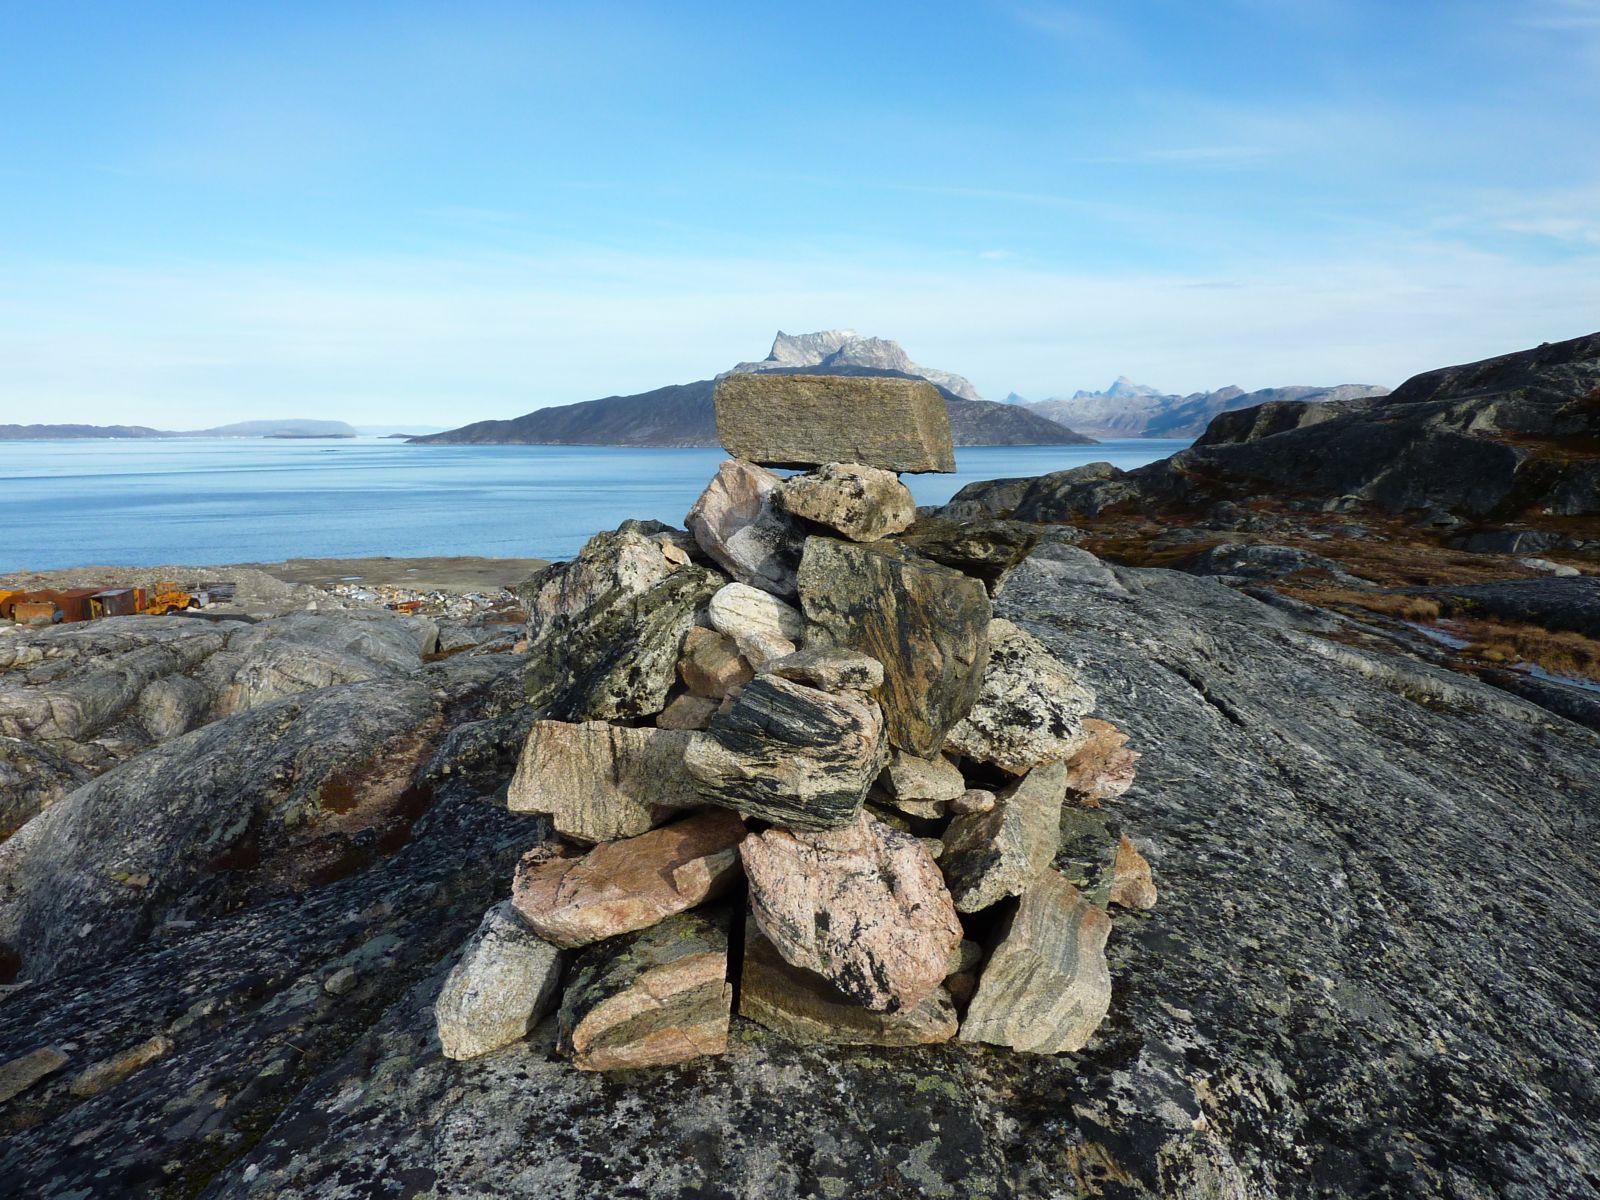 2010-10-12-1330_-_Sermitsiaq; Varde